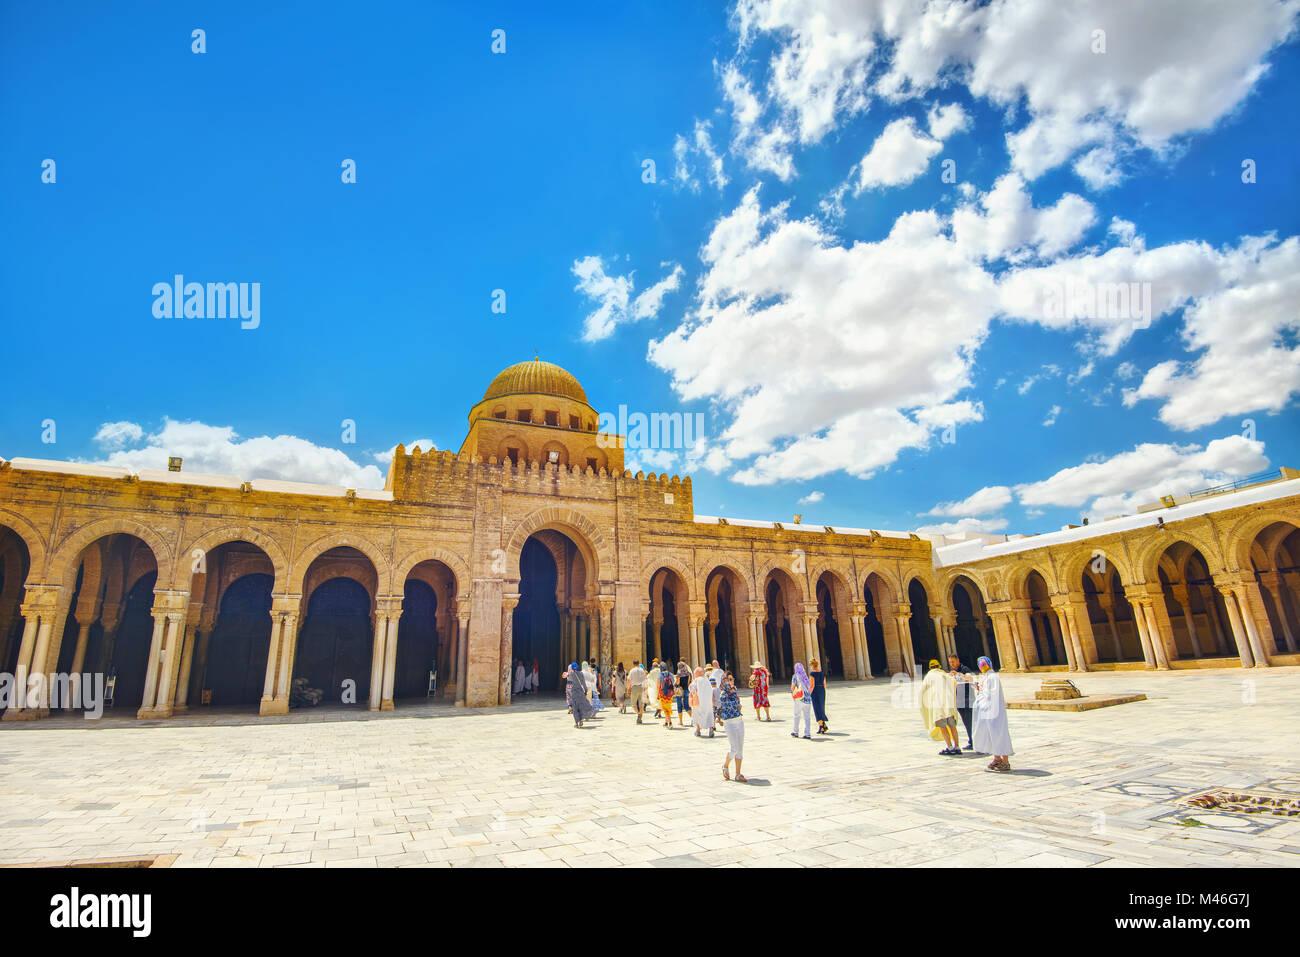 Grupo turístico turismo (la gran mezquita Sidi Oqba) de Kairouan, ciudad sagrada del Islam. Kairouan, Túnez, Imagen De Stock